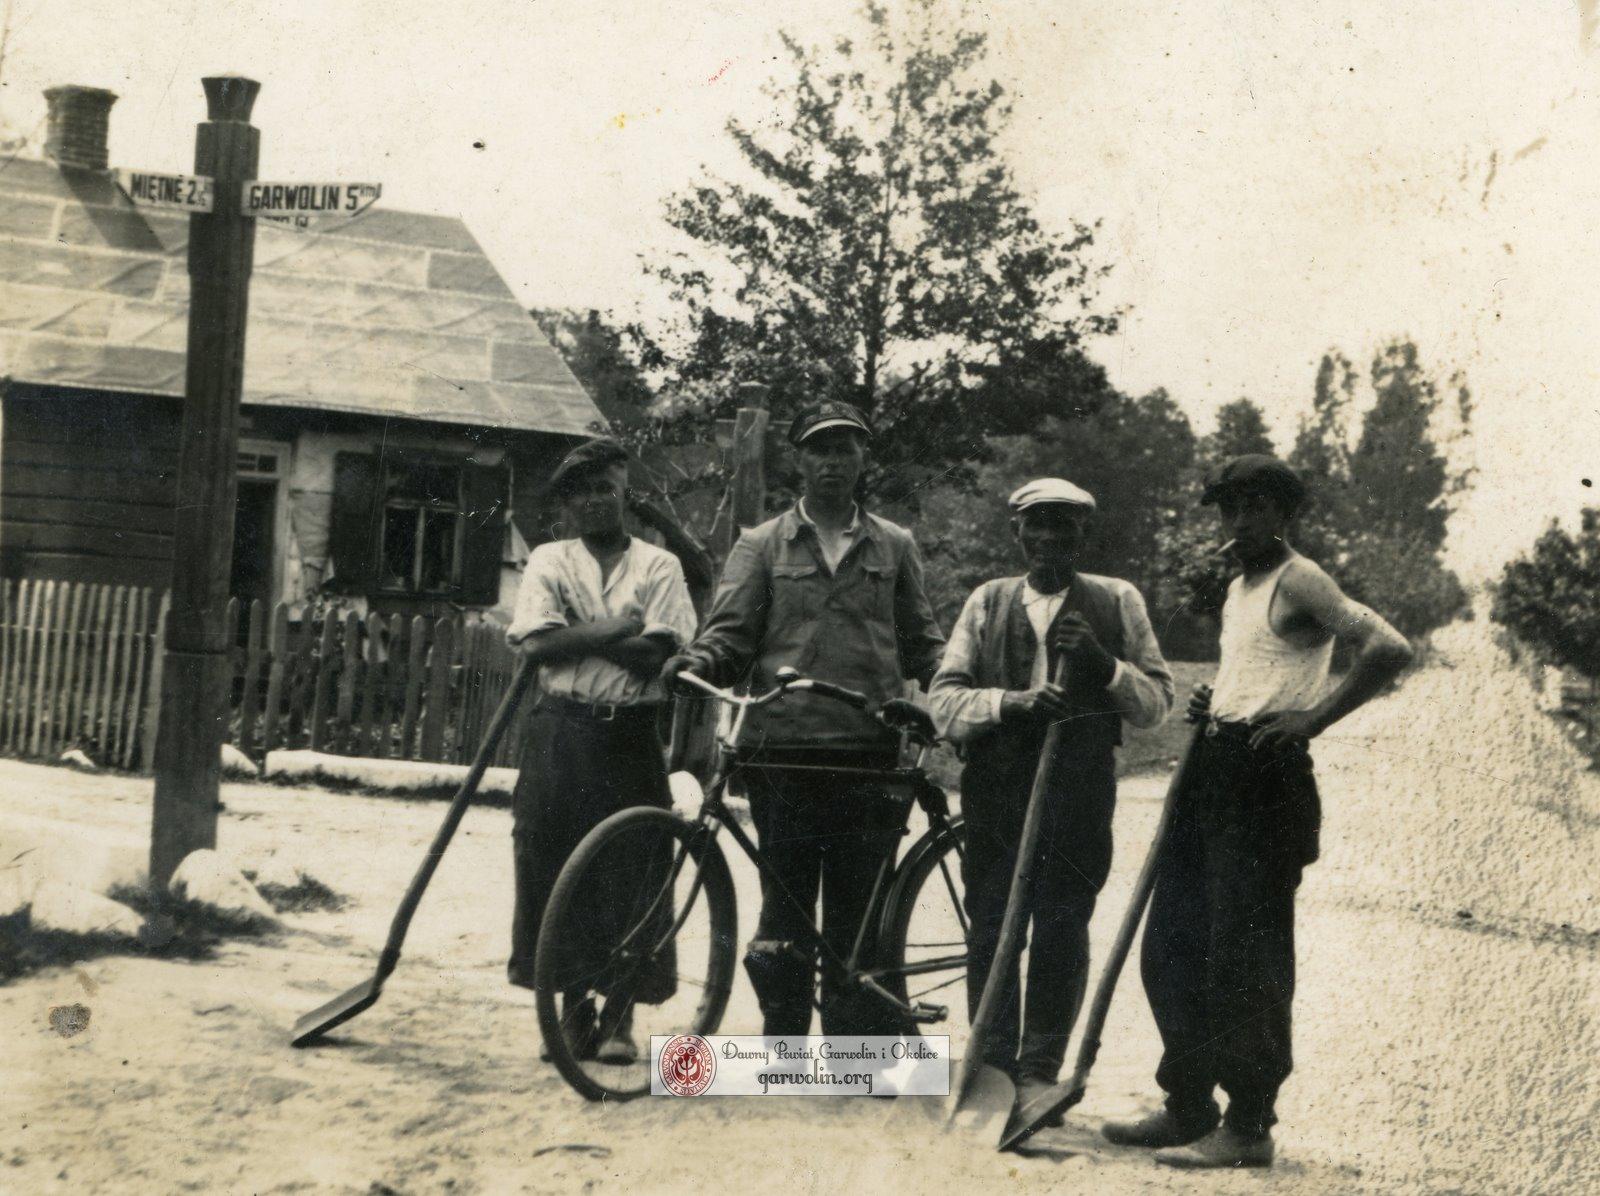 Wola Rębkowska 1944 - ale jakie skrzyżowanie?